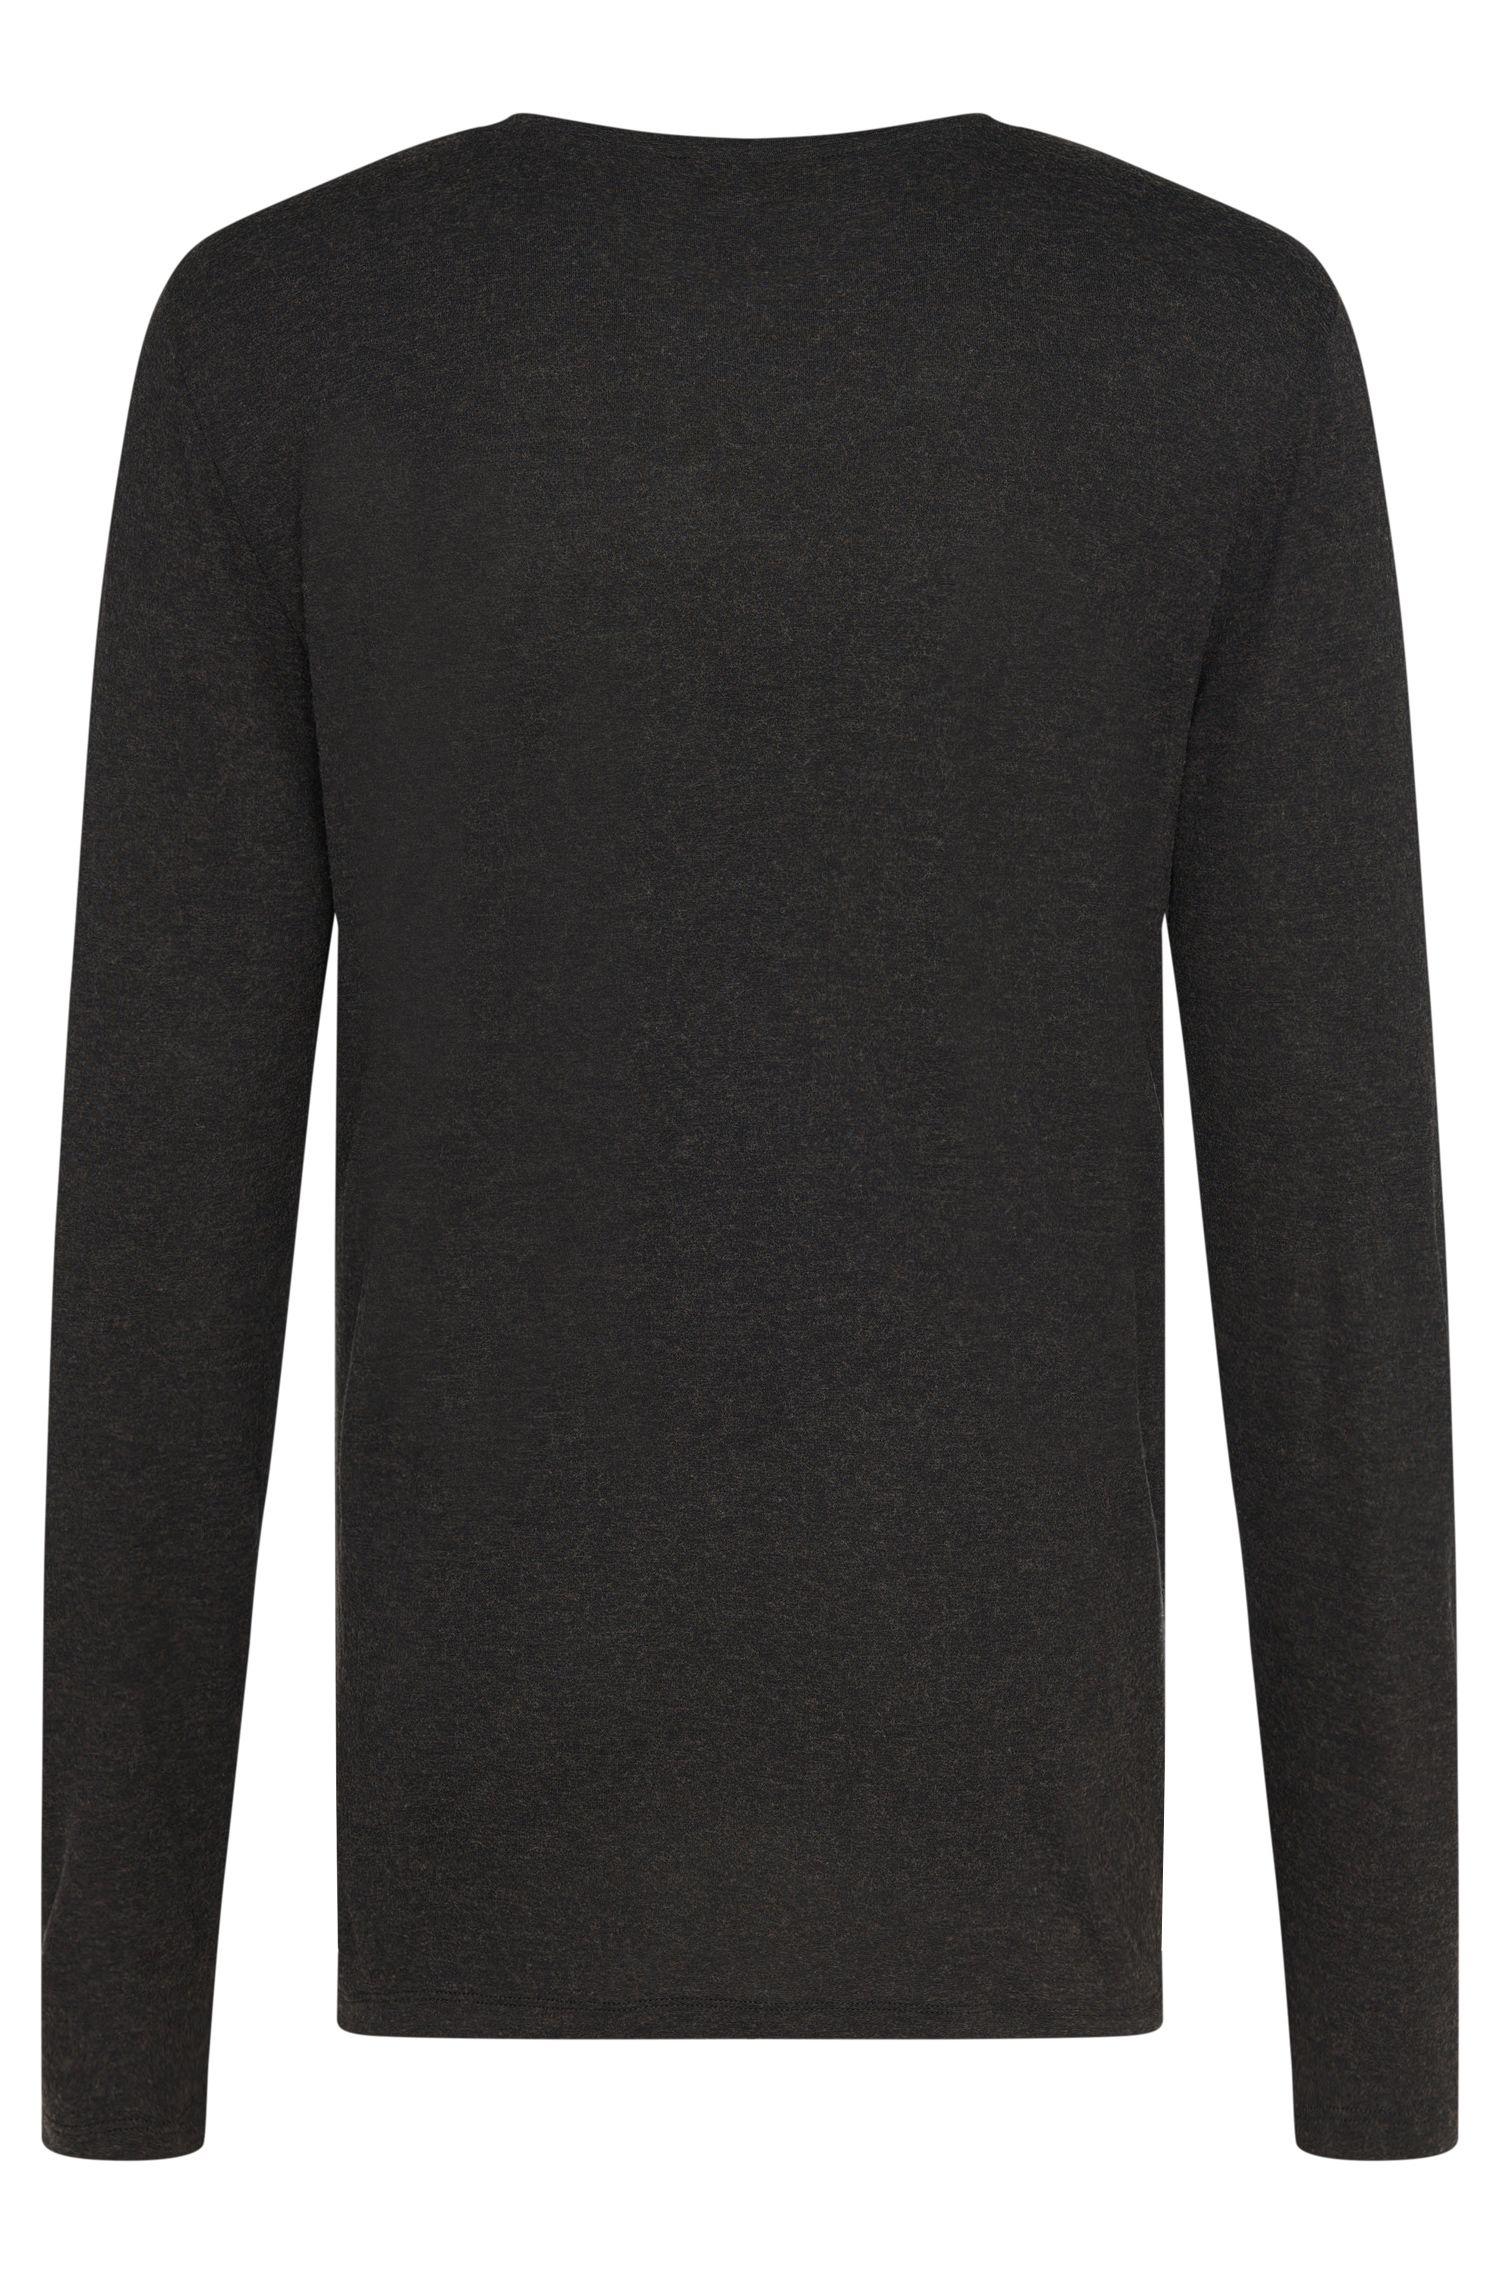 Gemêleerde regular-fit shirt met lange mouwen van een viscosemix met wol: 'Distone'